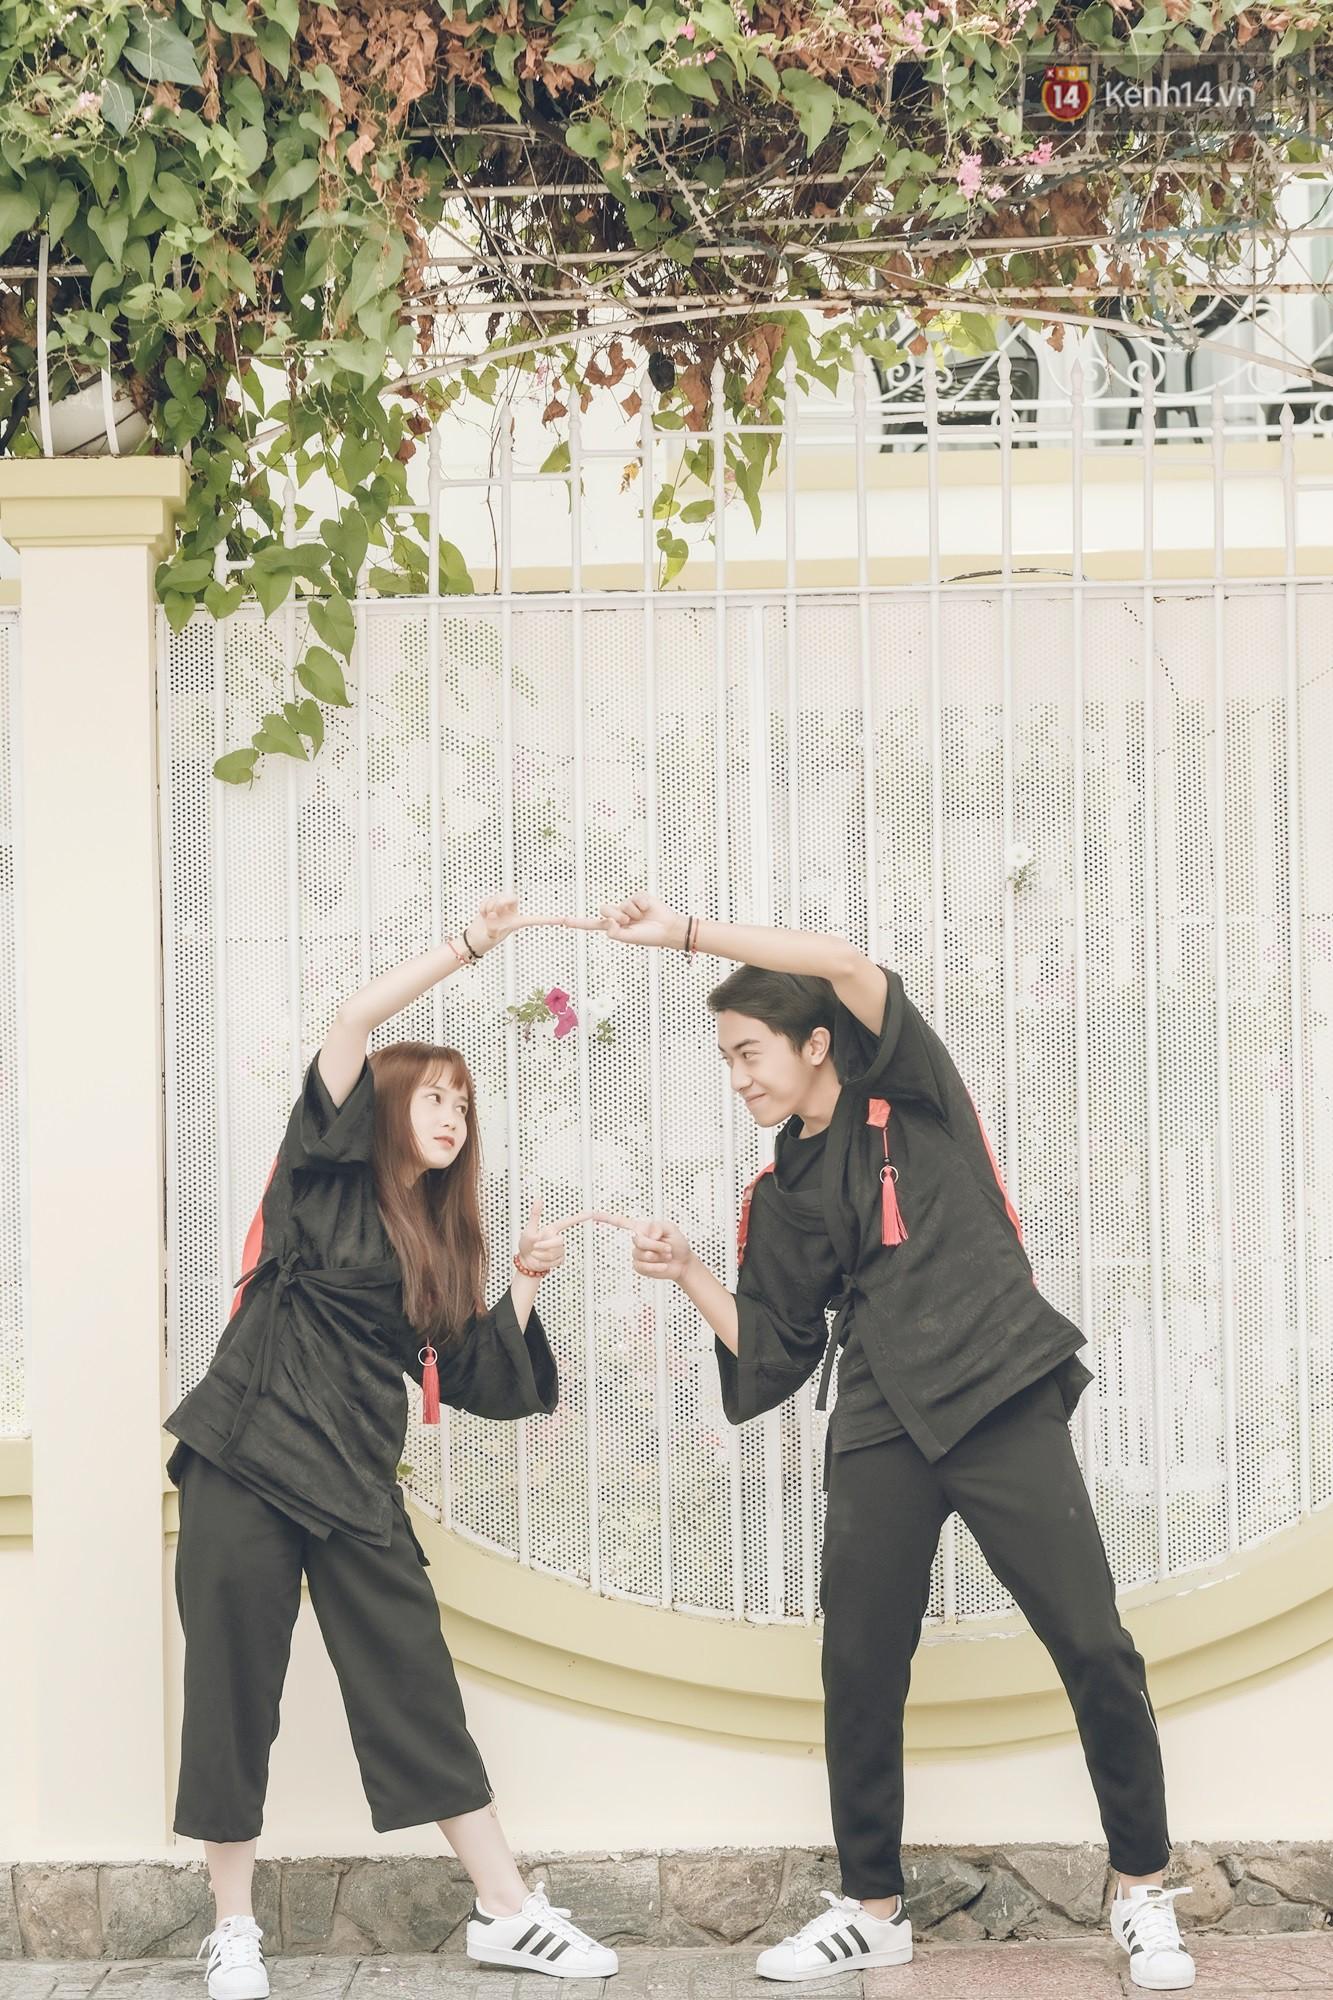 Cris Phan và hot girl FAPtv Mai Quỳnh Anh: Chuyện tình của chàng phi công nhút nhát và nàng không ngại cọc đi tìm trâu - Ảnh 7.